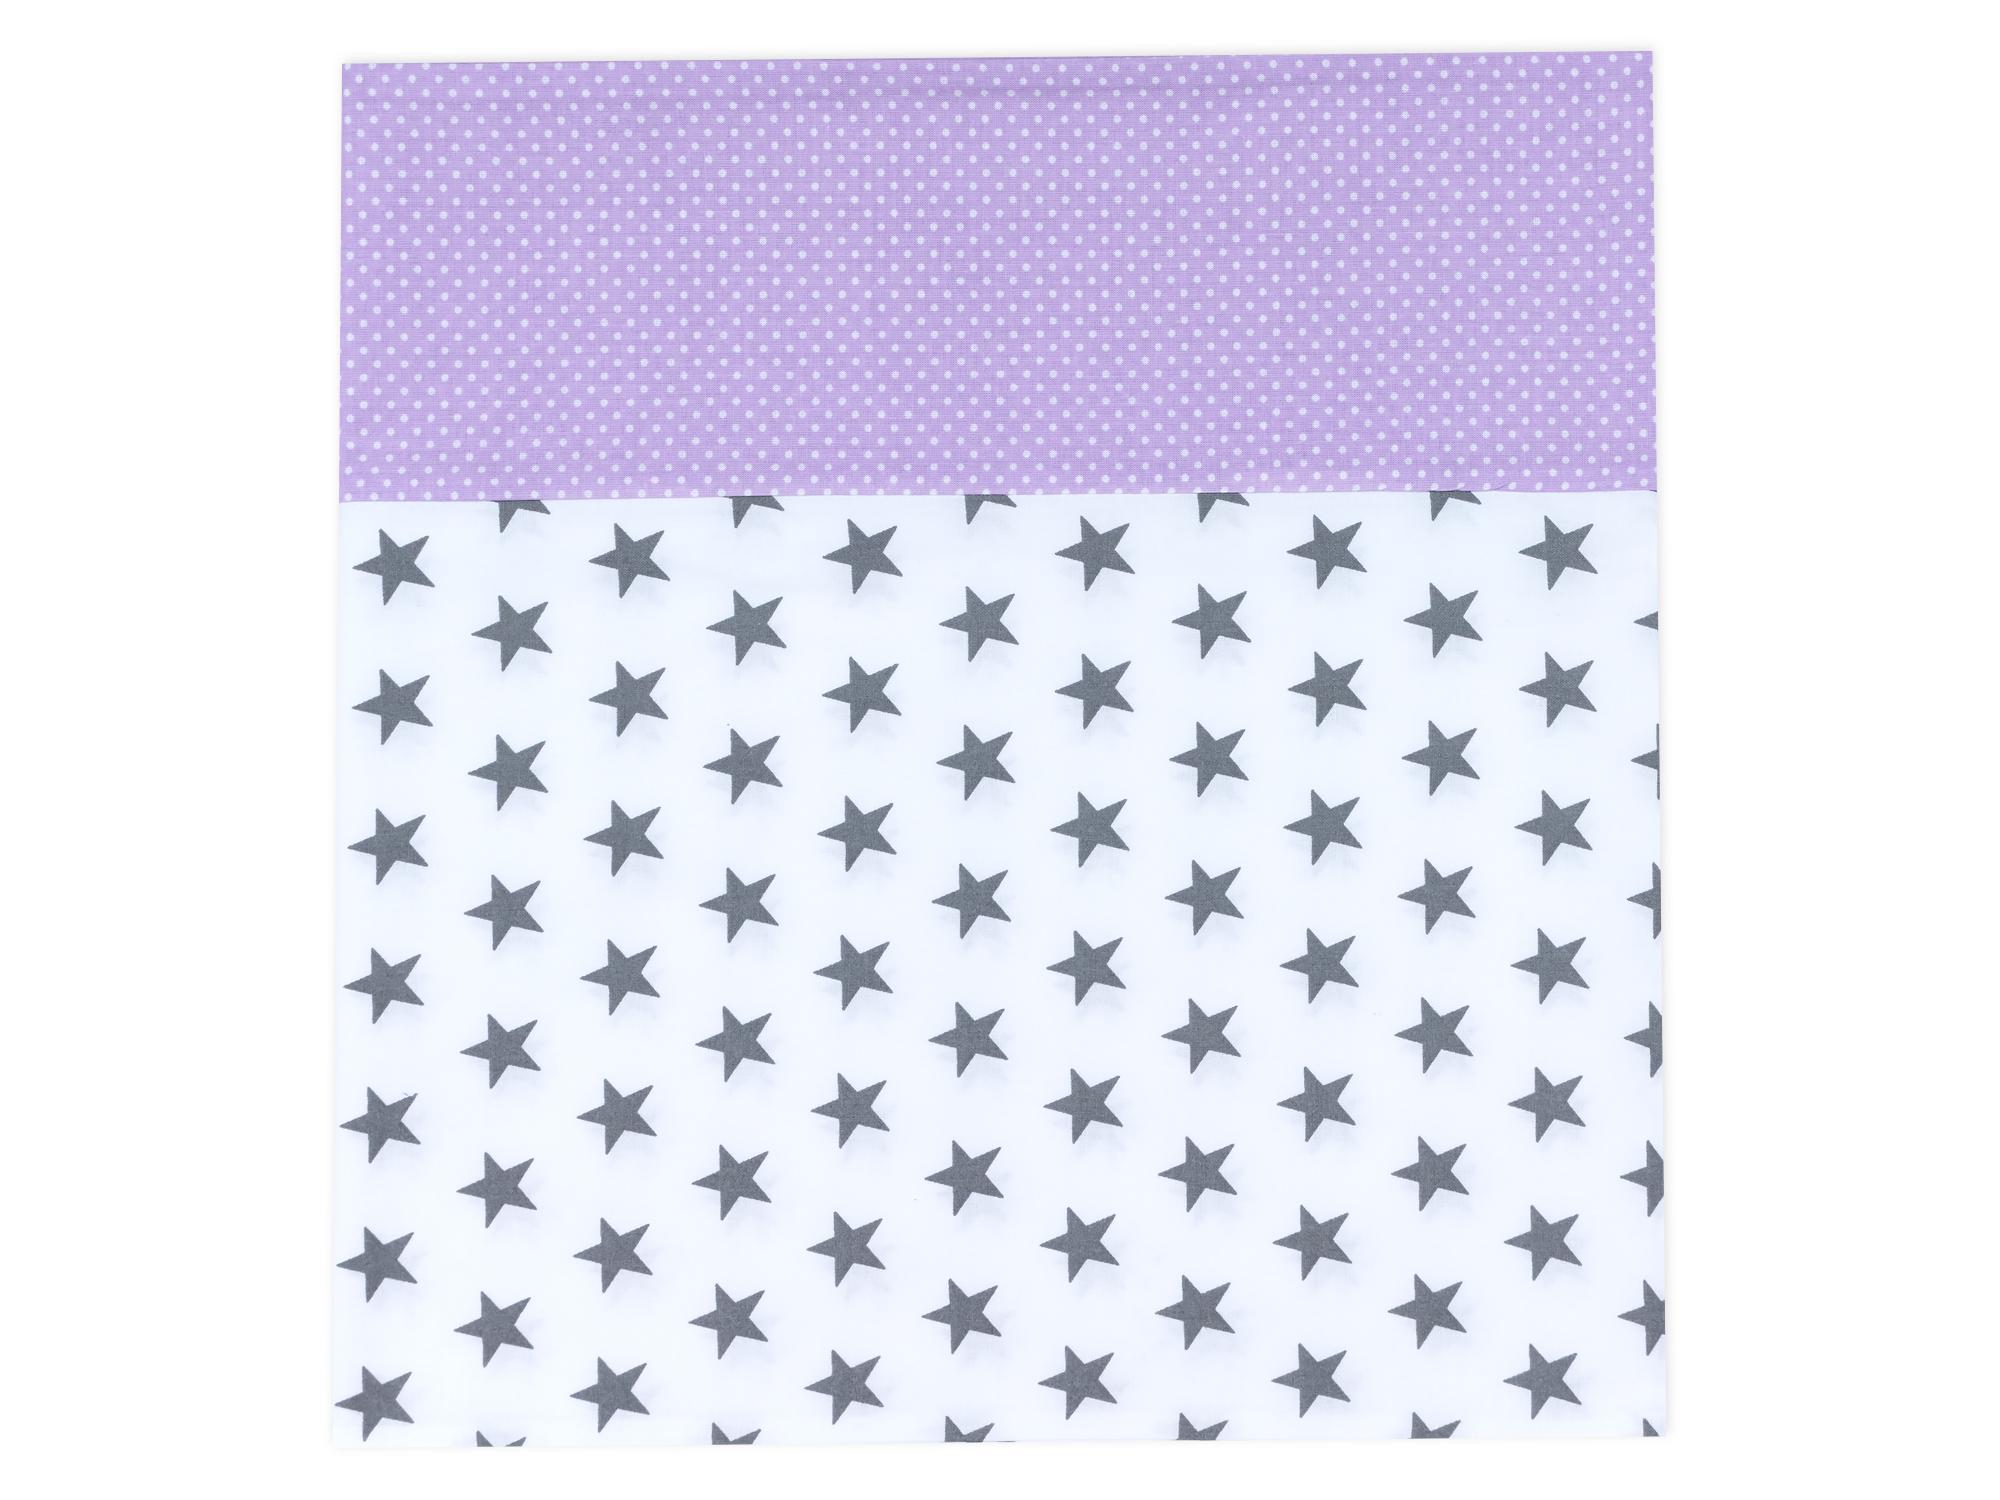 kraftkids stilltuch kleine graue sterne auf weiss und wei e punkte auf lila. Black Bedroom Furniture Sets. Home Design Ideas